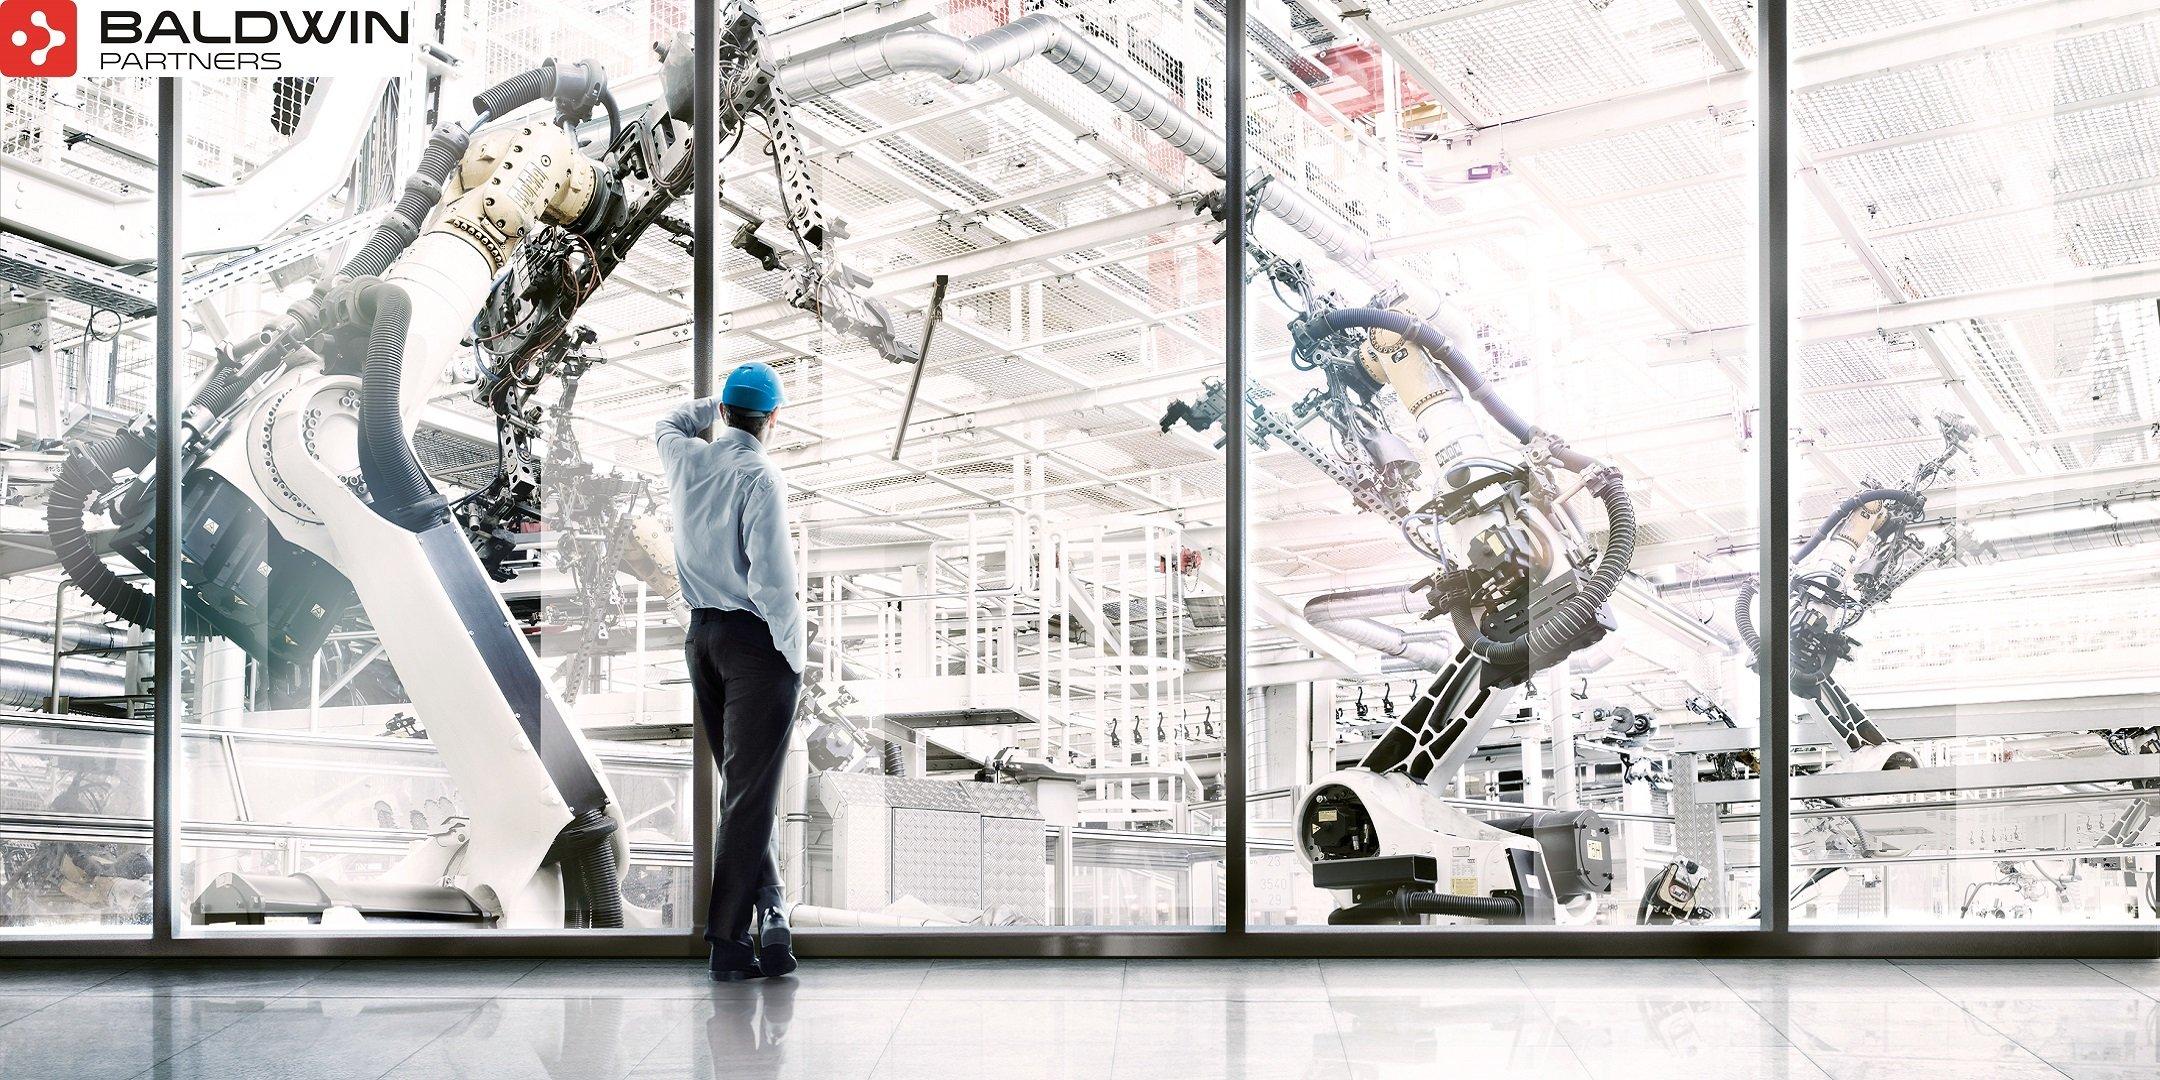 baldwin partners industrie 4.0 nantes conférence technique conseil nantes ingénierie